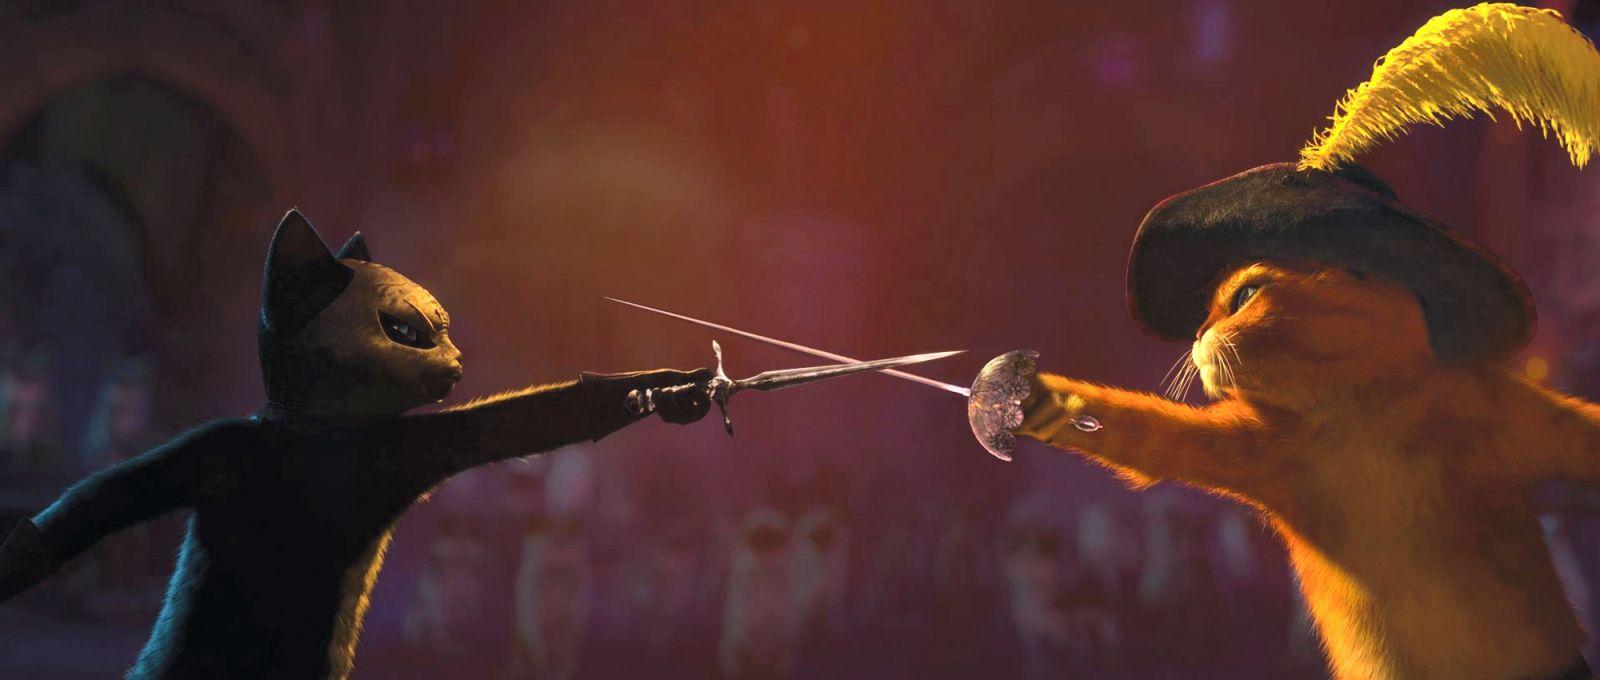 Puss swordfighting in Puss in Boots 2011 animatedfilmreviews.filminspector.com